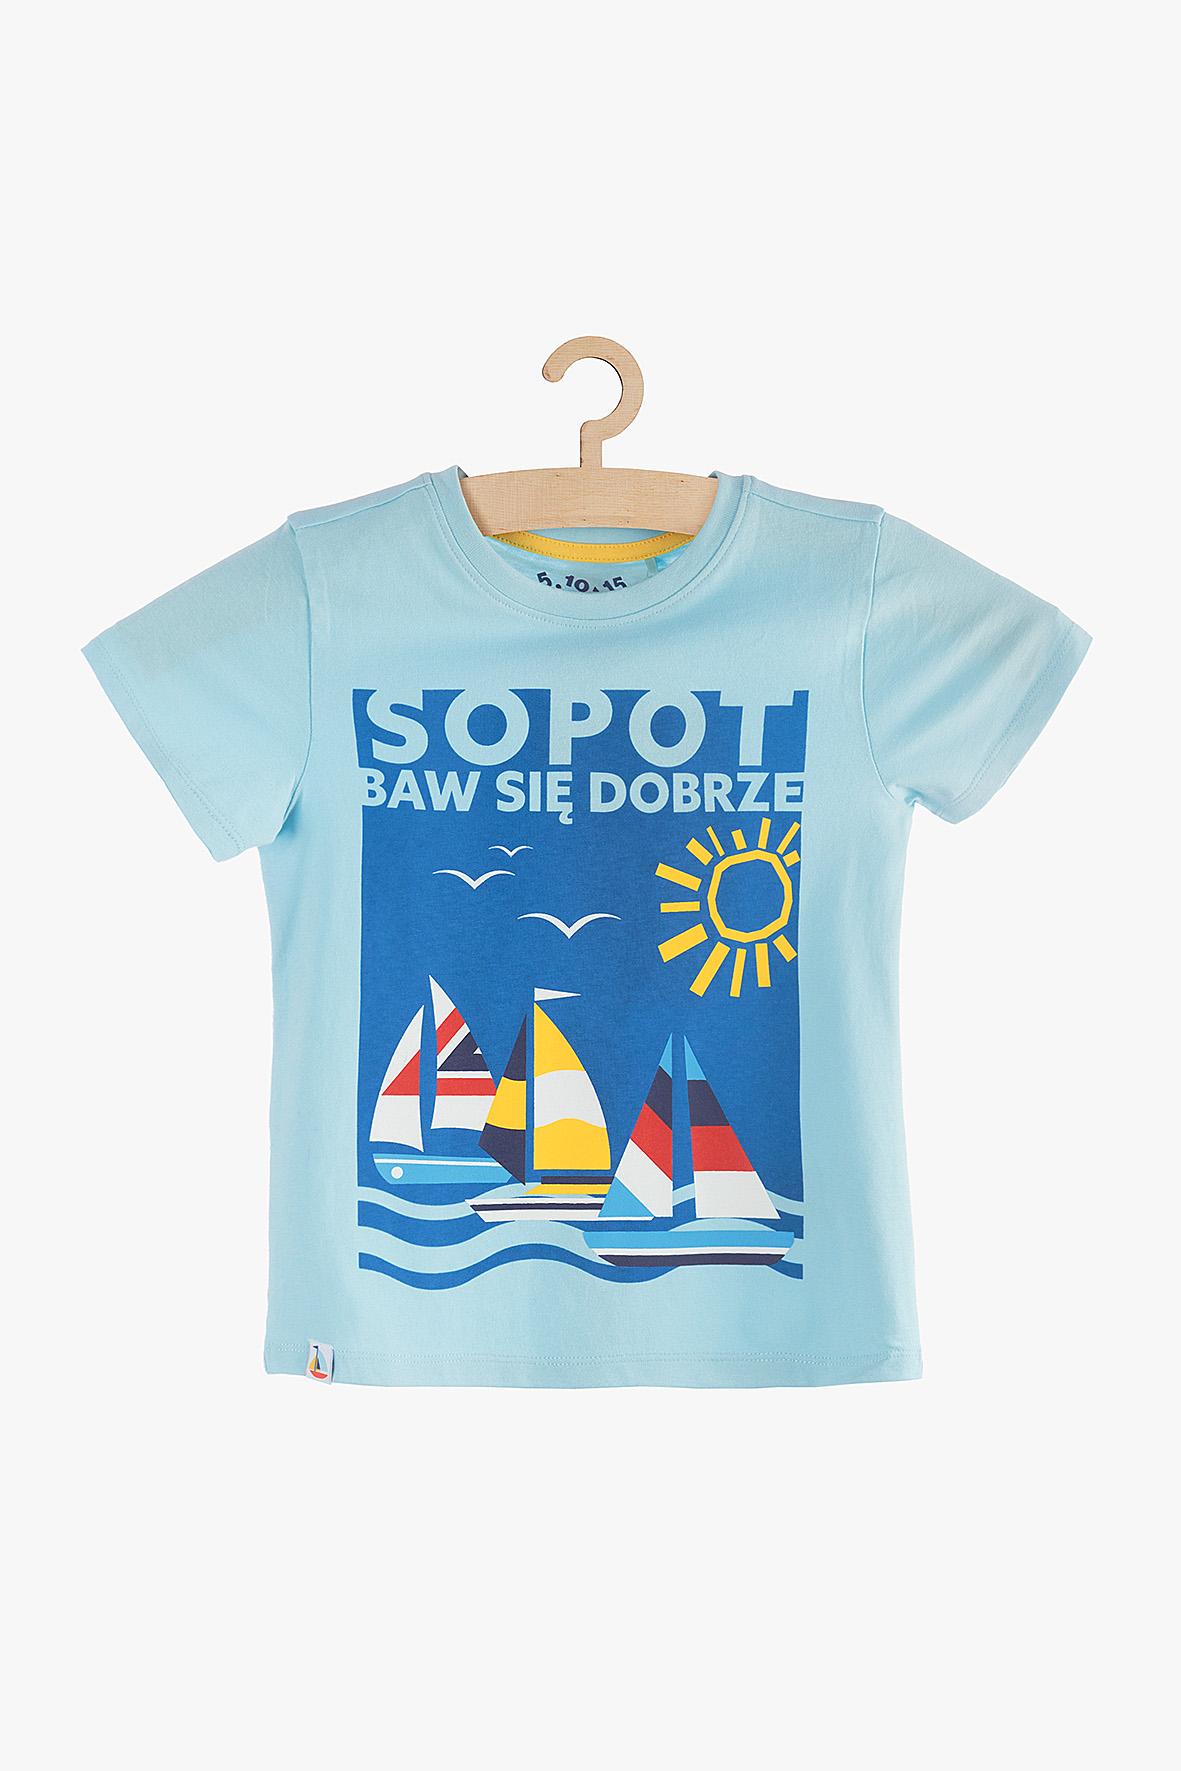 T-shirt chłopięcy niebieski 1I3852